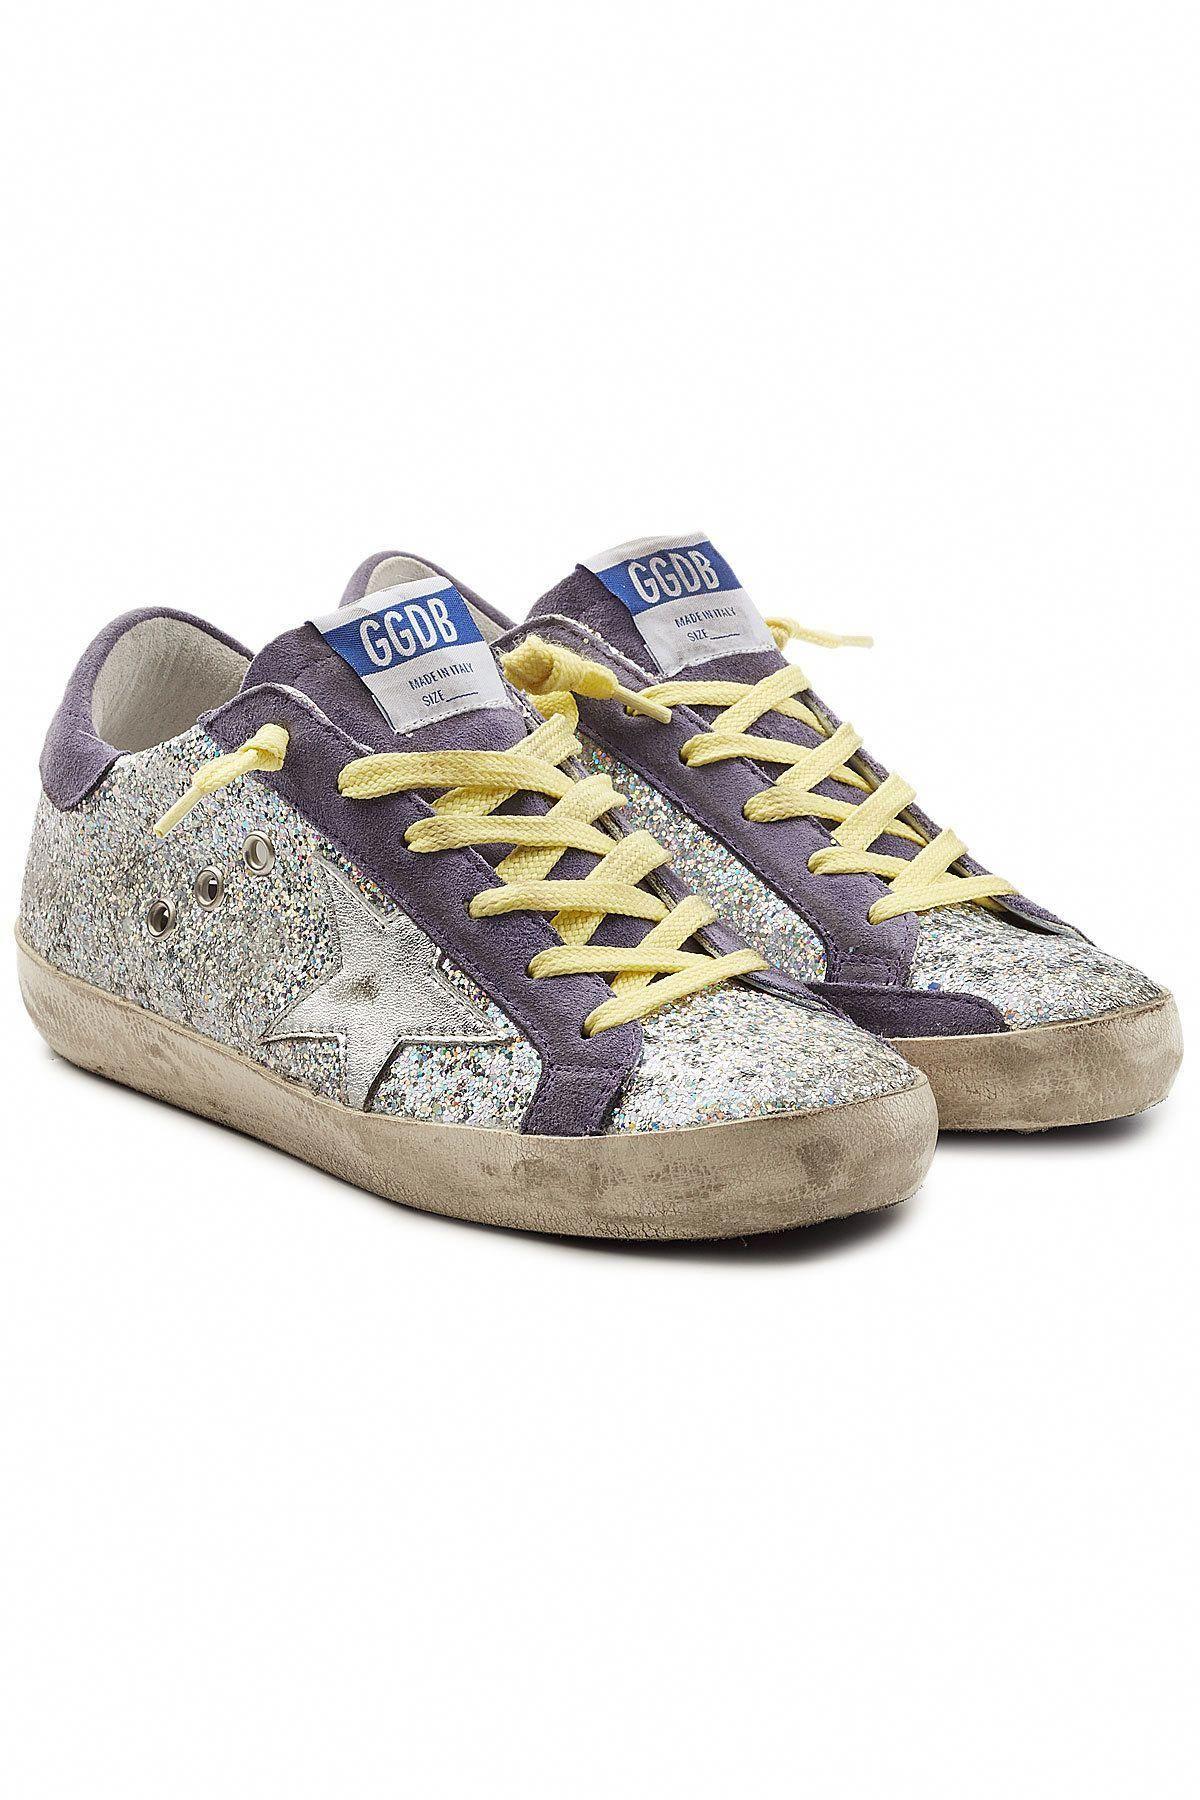 630da85a325 GlitterUnicorn #GlitterShoes | Glitter Shoes in 2019 | Glitter shoes ...